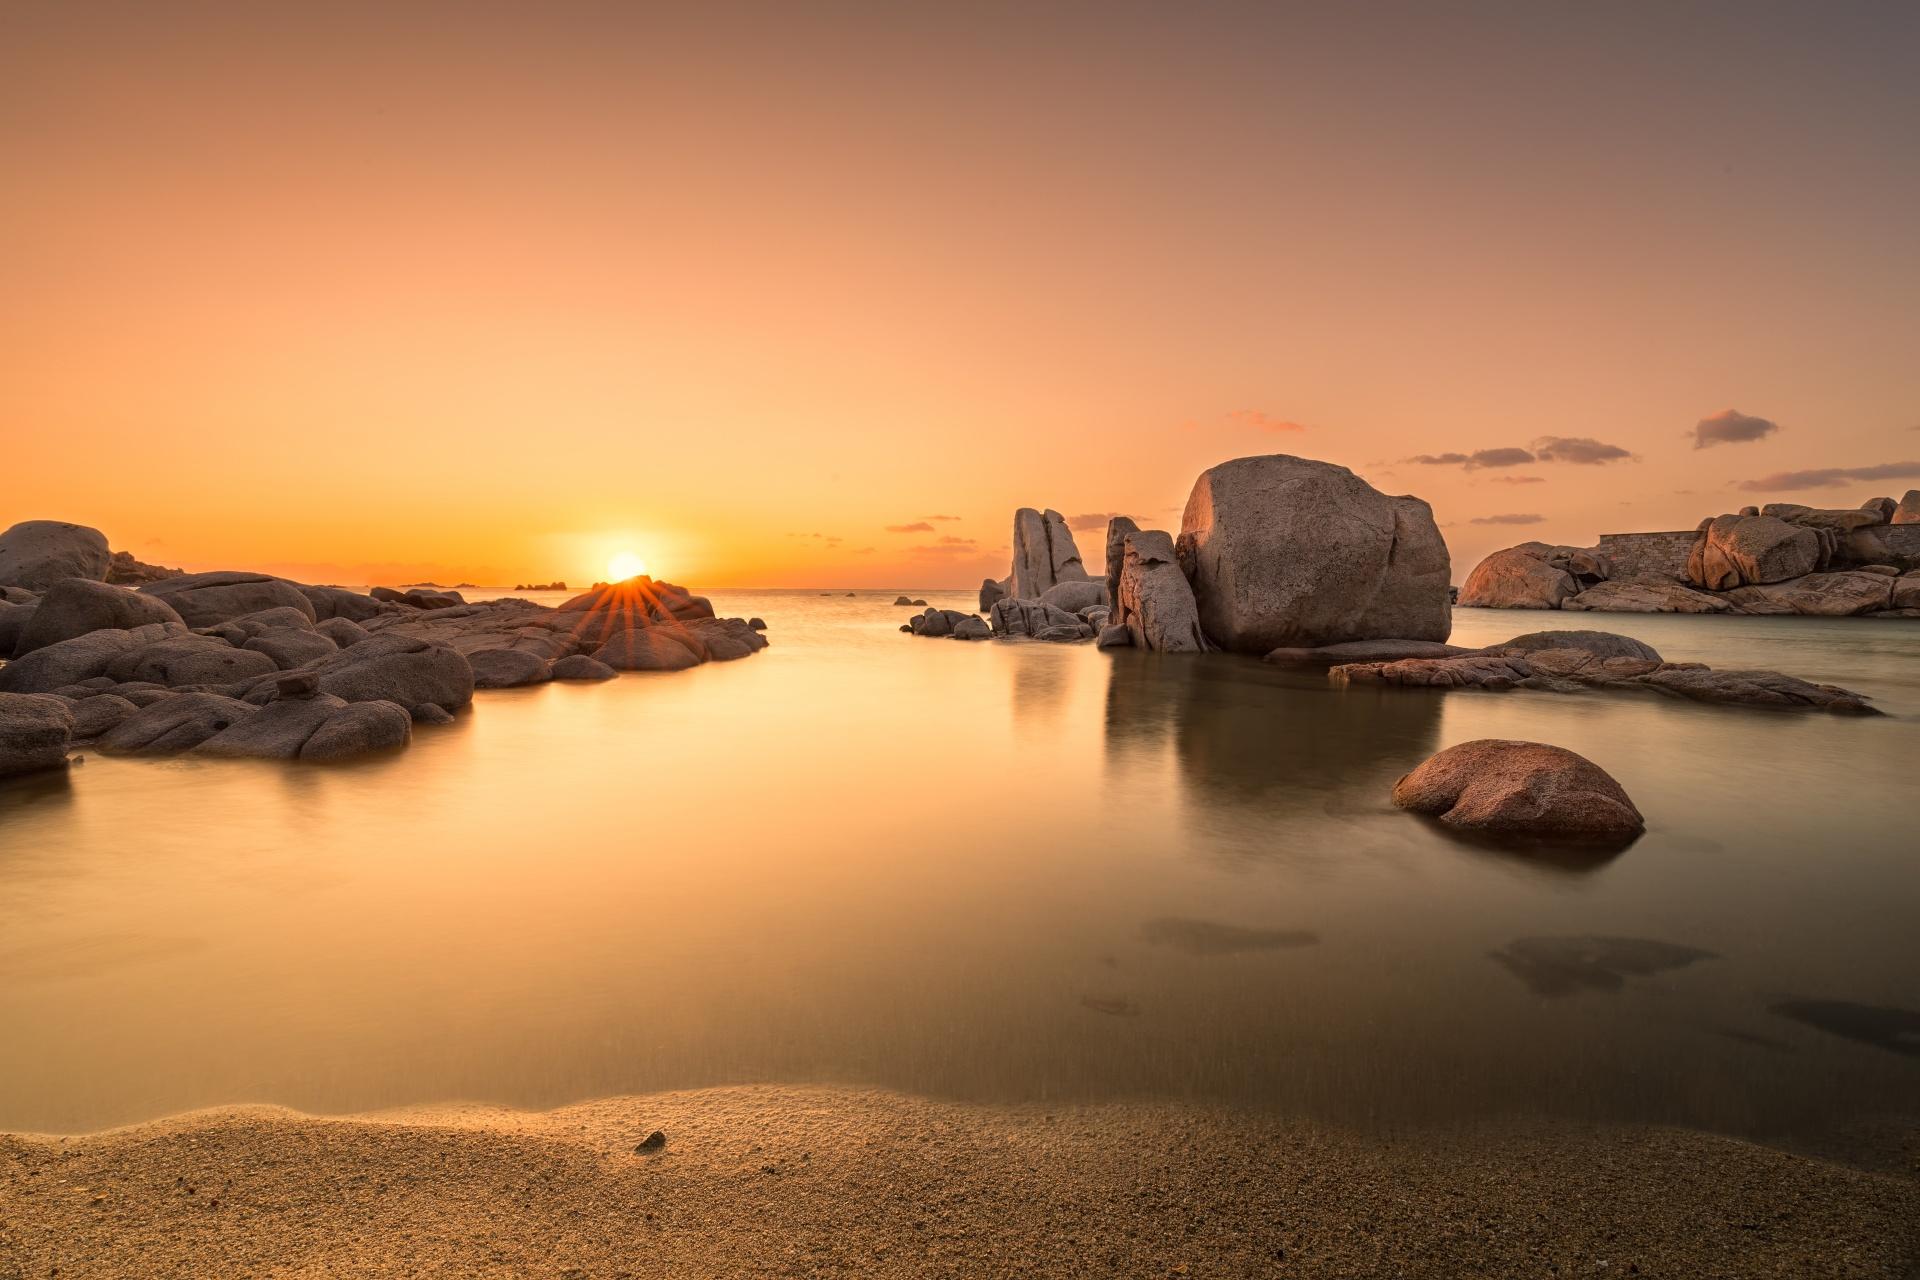 カヴァッロ島の朝の風景 地中海に昇る朝日 フランスの風景